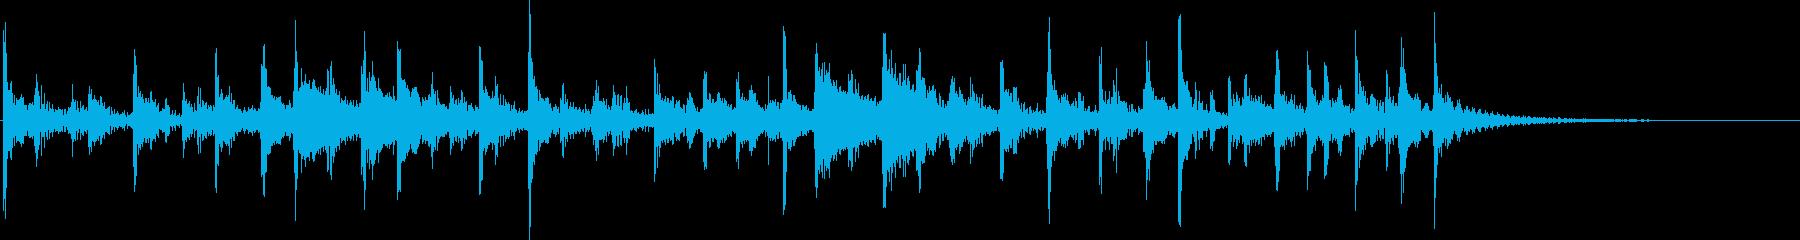 ドラム:ジャングルビート、高速の再生済みの波形